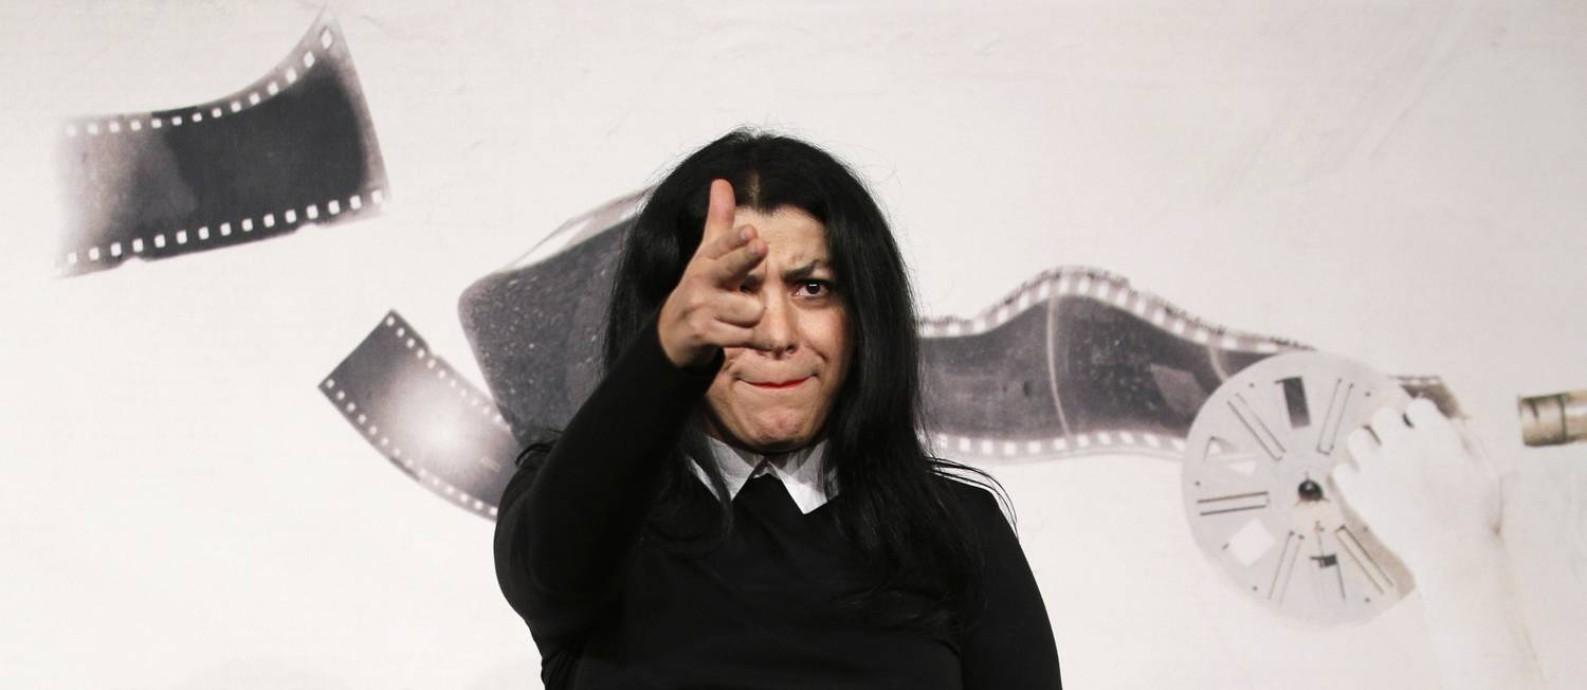 Diretora Marjane Satrapi no Festival de Roma Foto: Max Rossi / Reuters